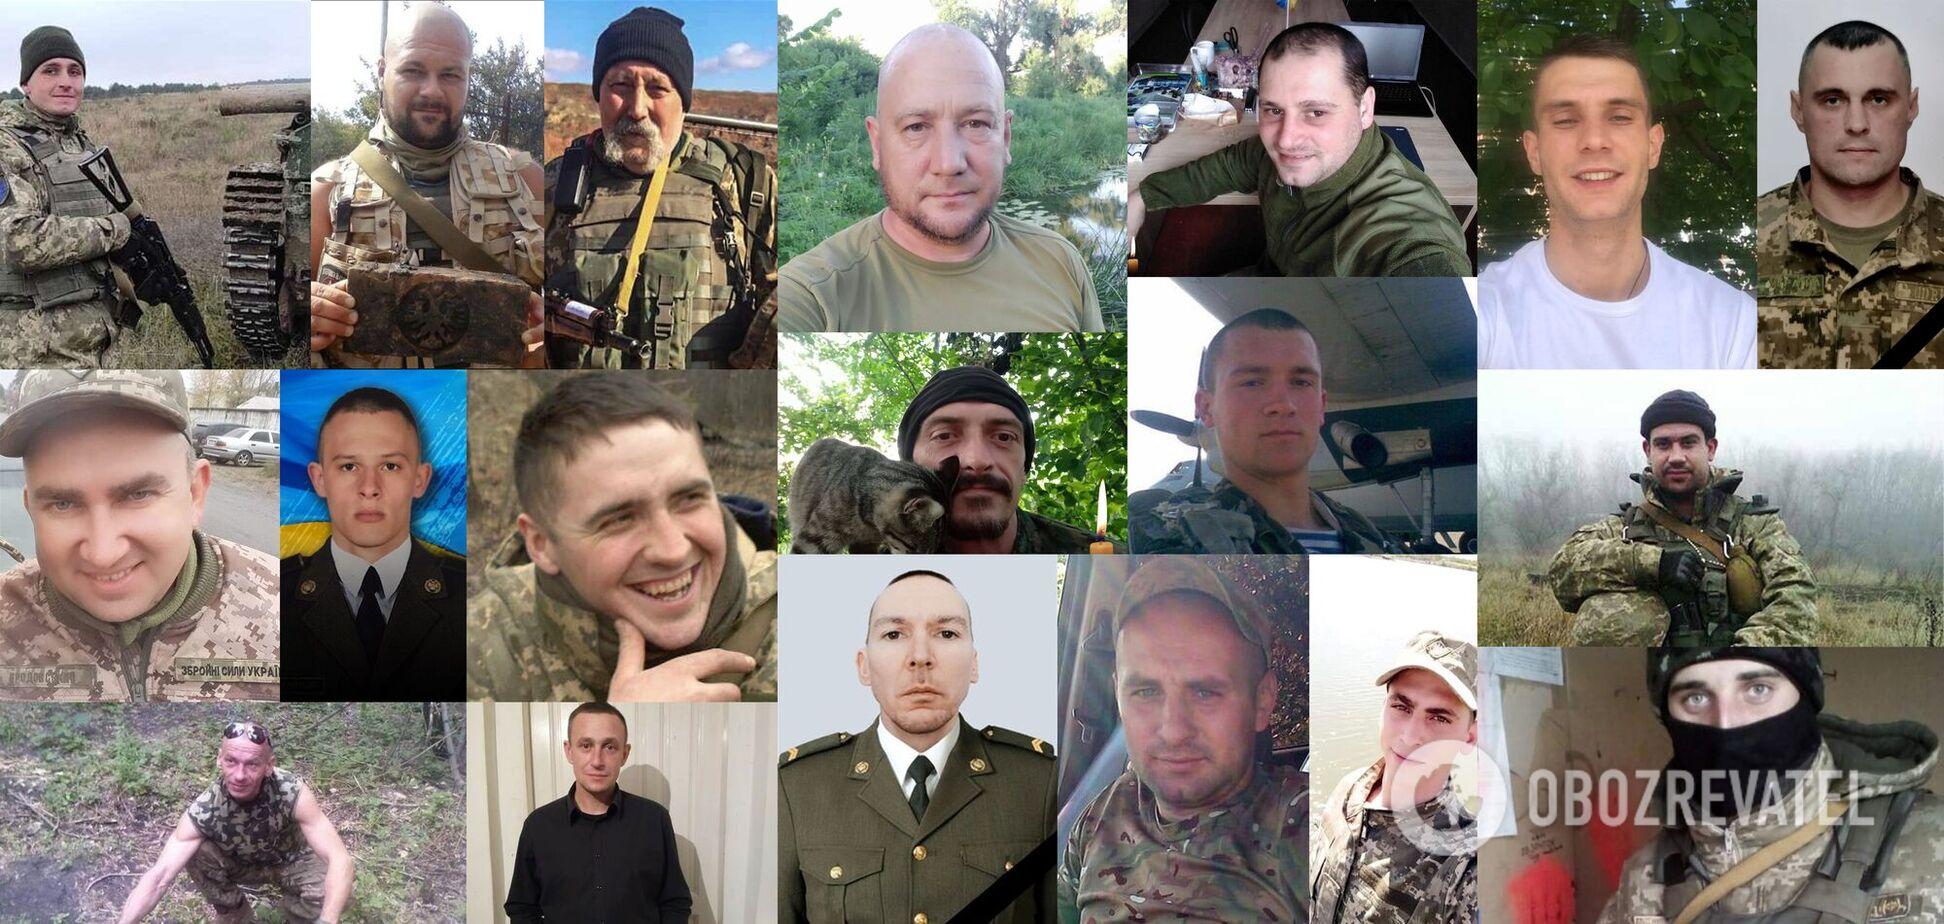 'Образец мужества и чести'. Истории воинов, погибших на Донбассе в июле и августе